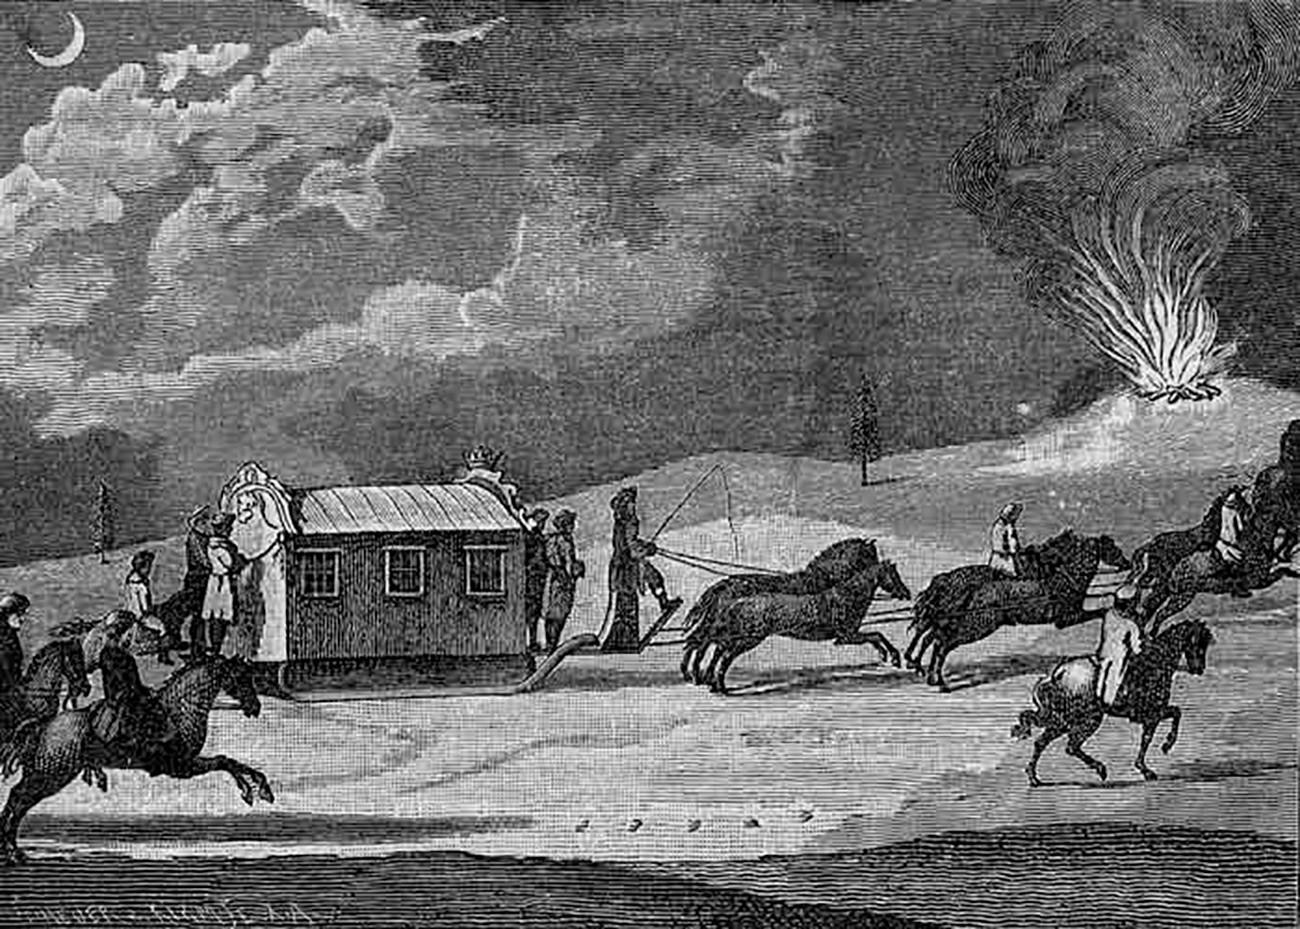 Voyage de Catherine la Grande en Crimée